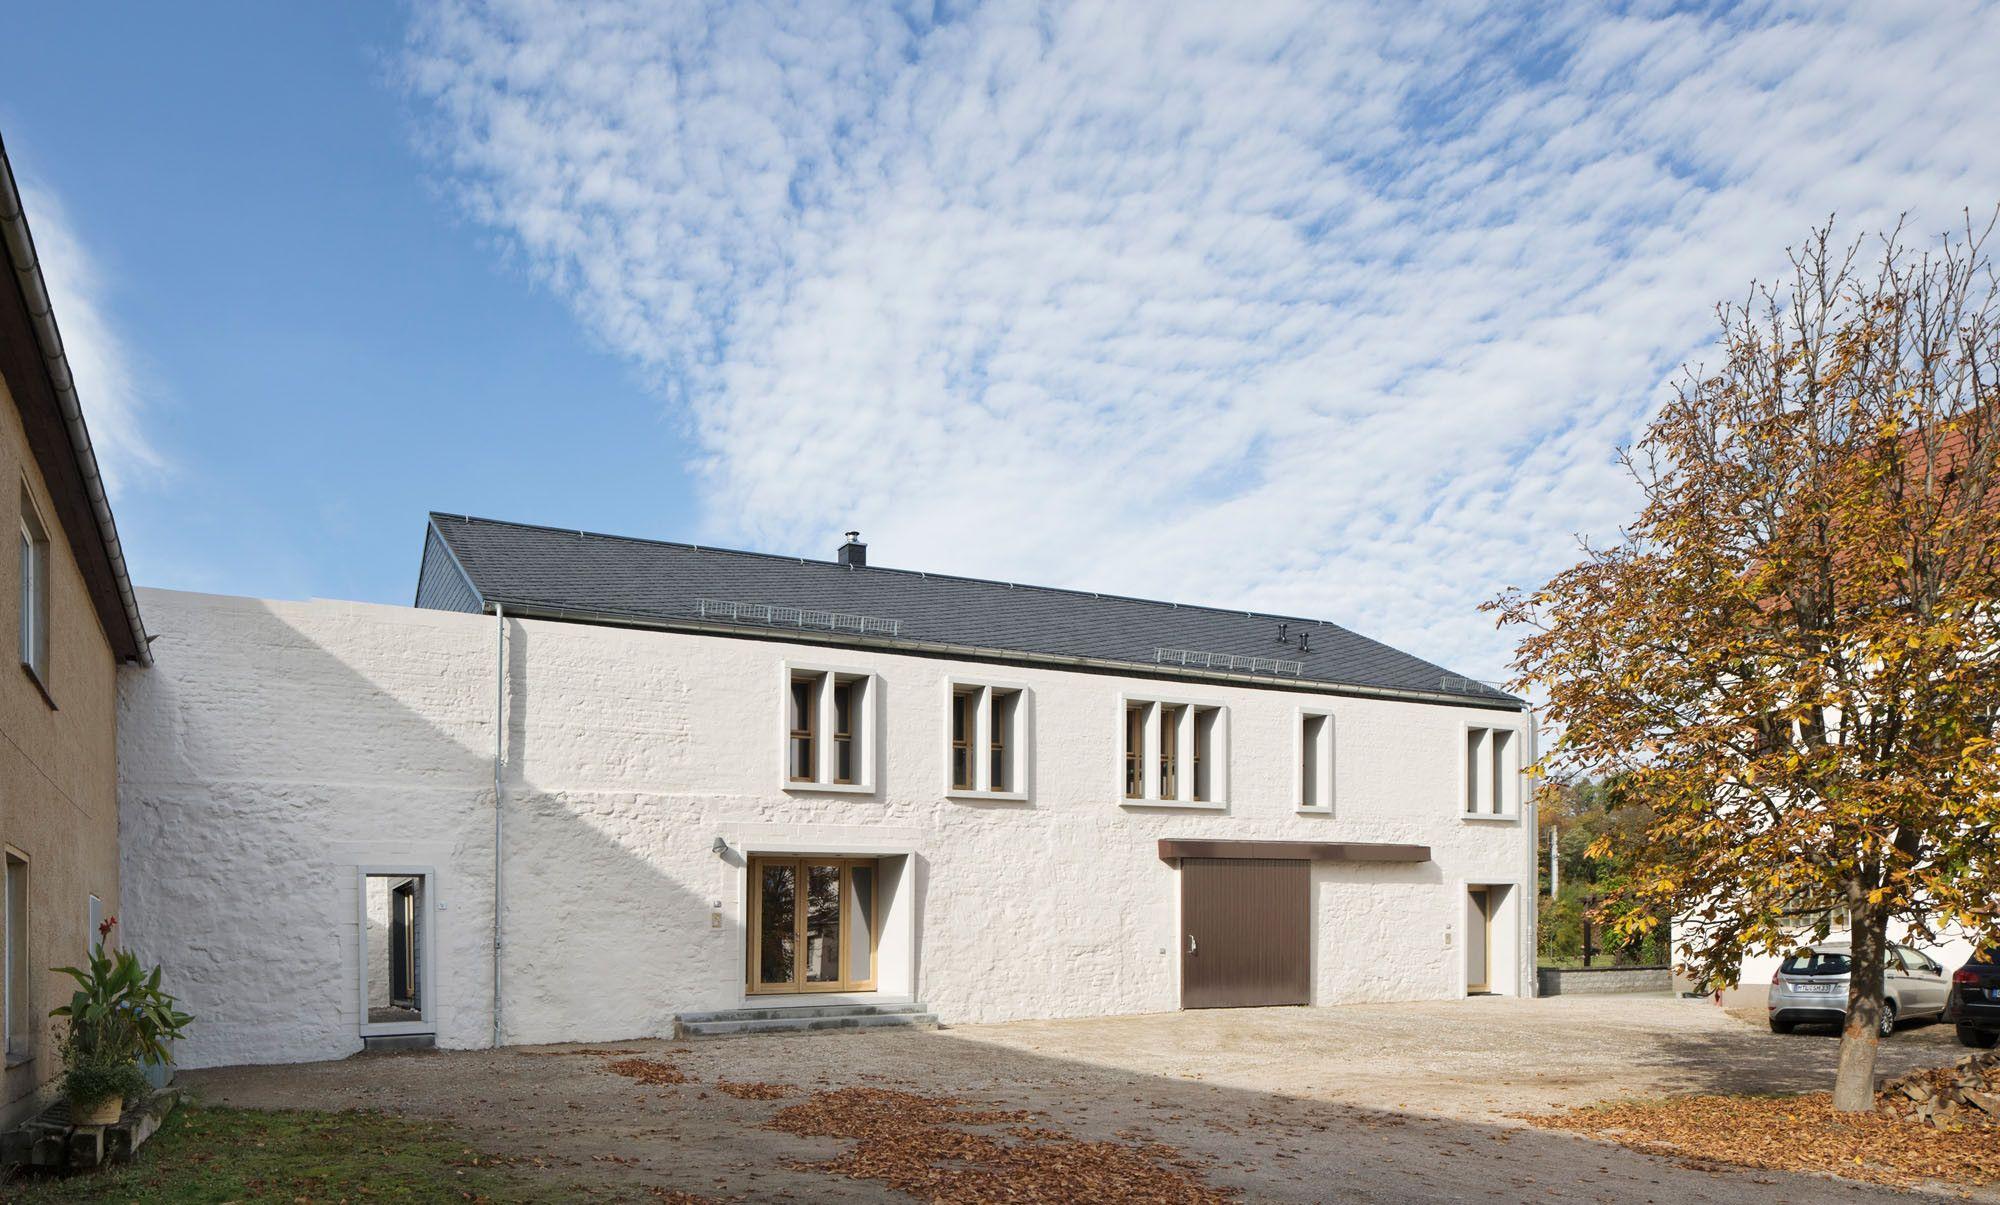 umbau einer scheune in sermuth schiefer wohnen efh we love barns. Black Bedroom Furniture Sets. Home Design Ideas